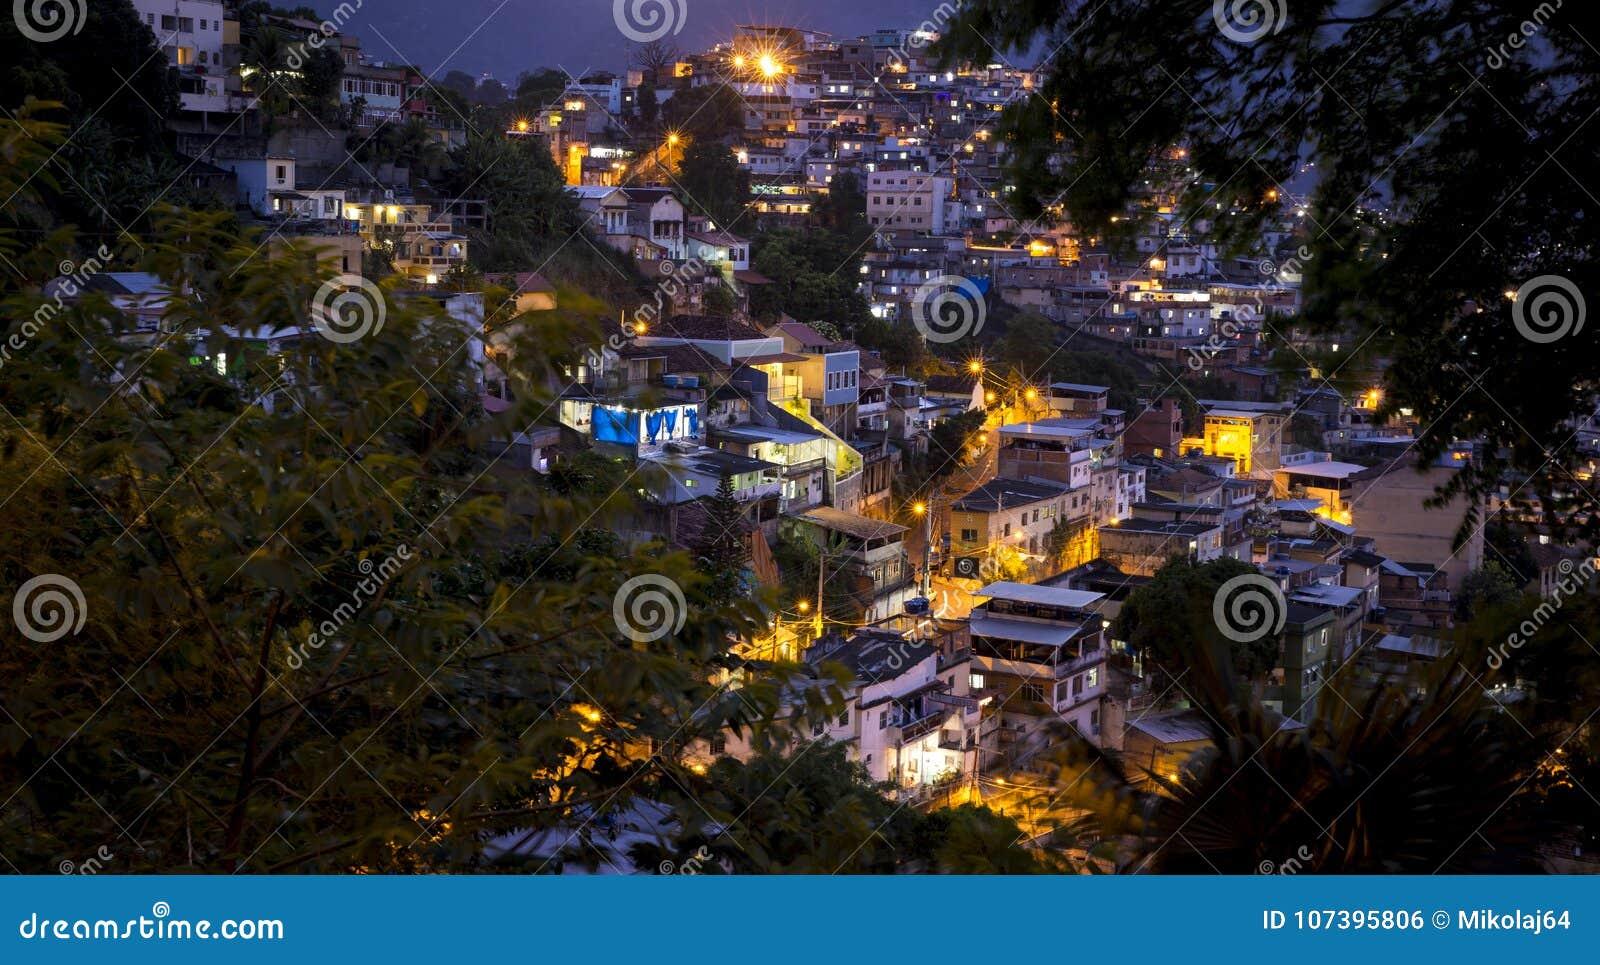 Favela i Rio de Janeiro vid natt